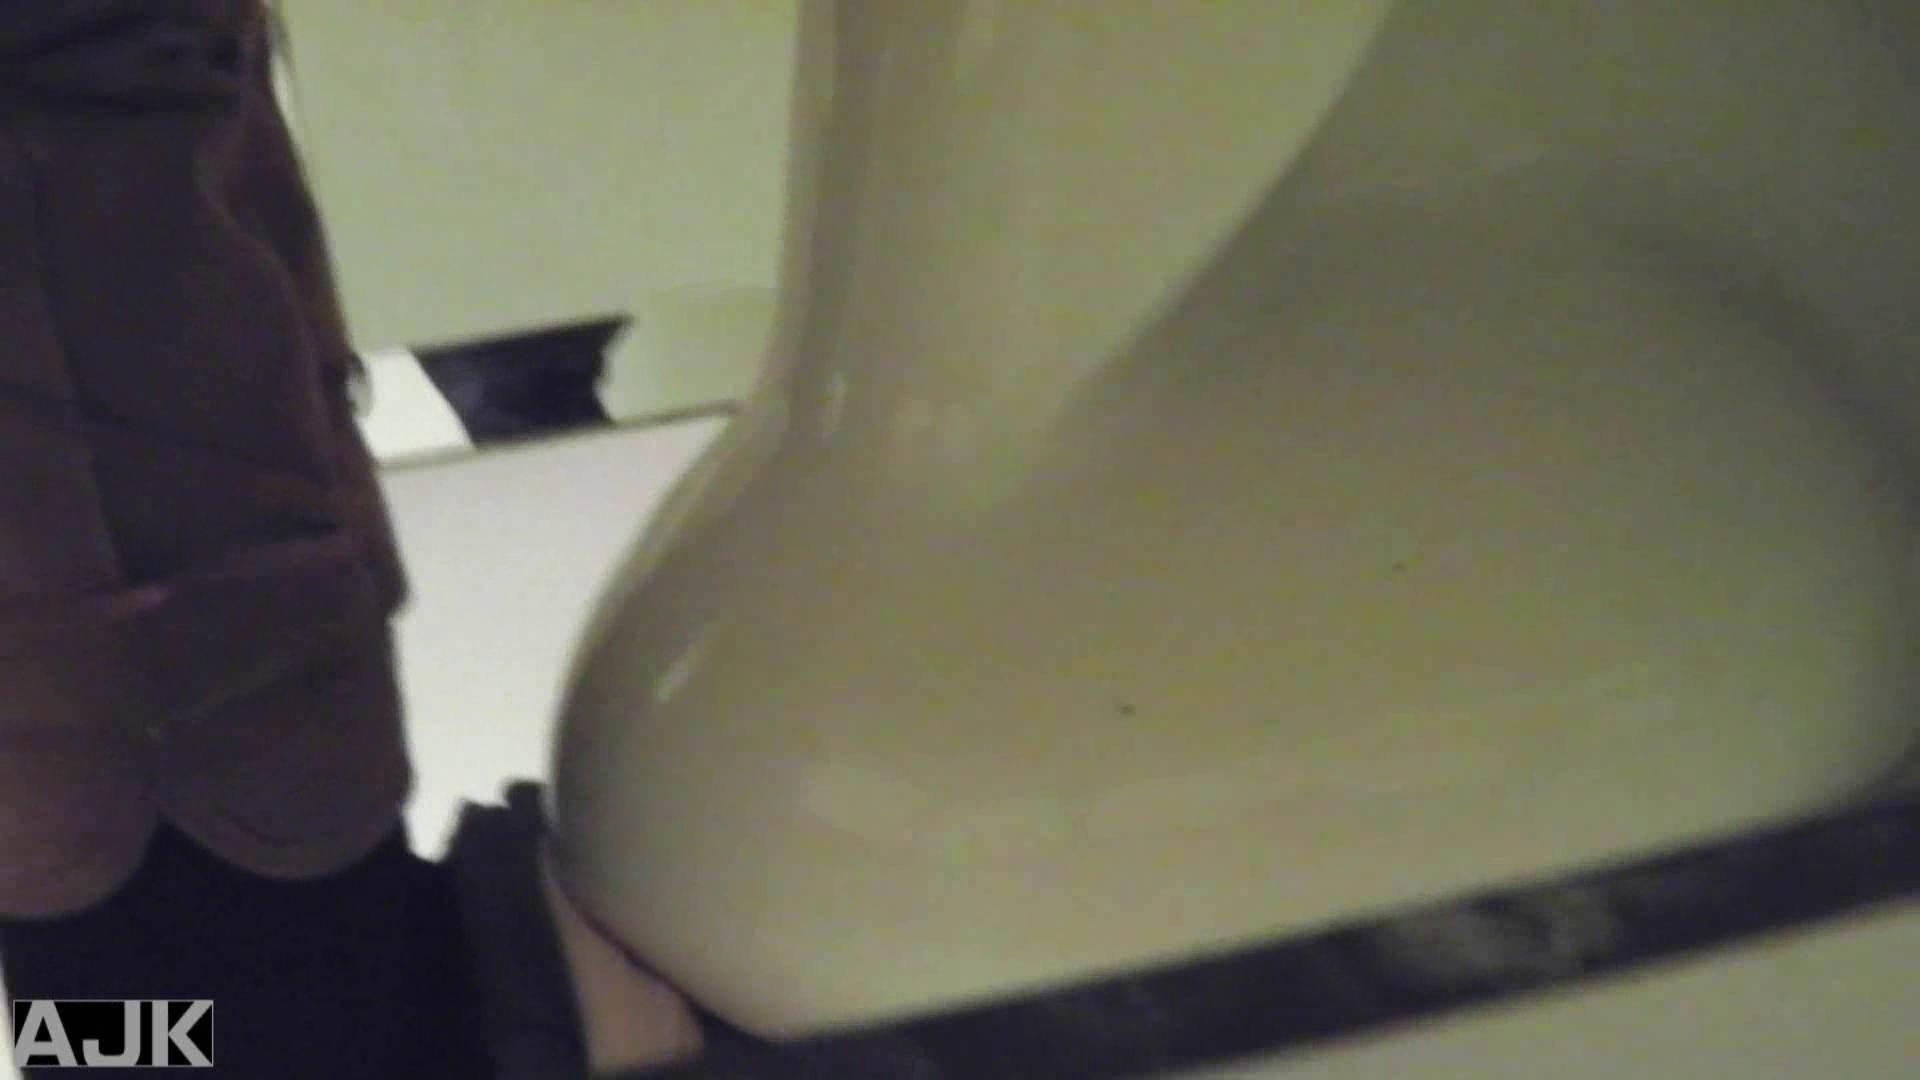 隣国上階級エリアの令嬢たちが集うデパートお手洗い Vol.14 女子トイレ アダルト動画キャプチャ 96枚 31